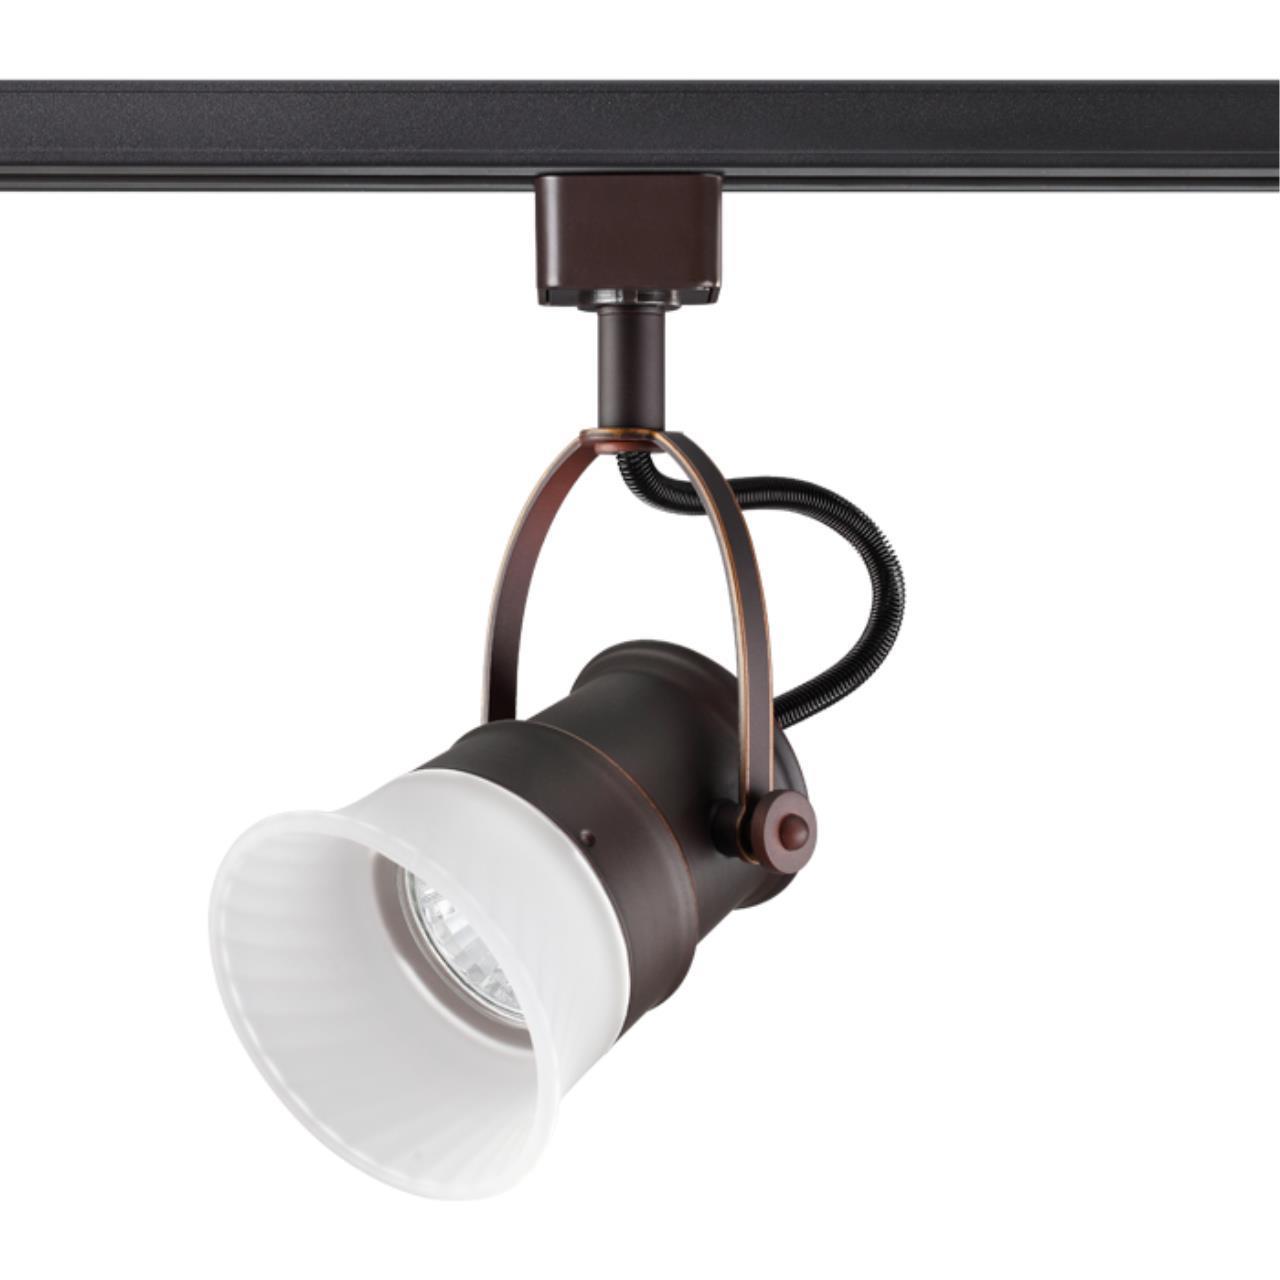 370549 PORT NT19 106 коричневый Трековый светильник IP20 GU10 50W 230V VETERUM